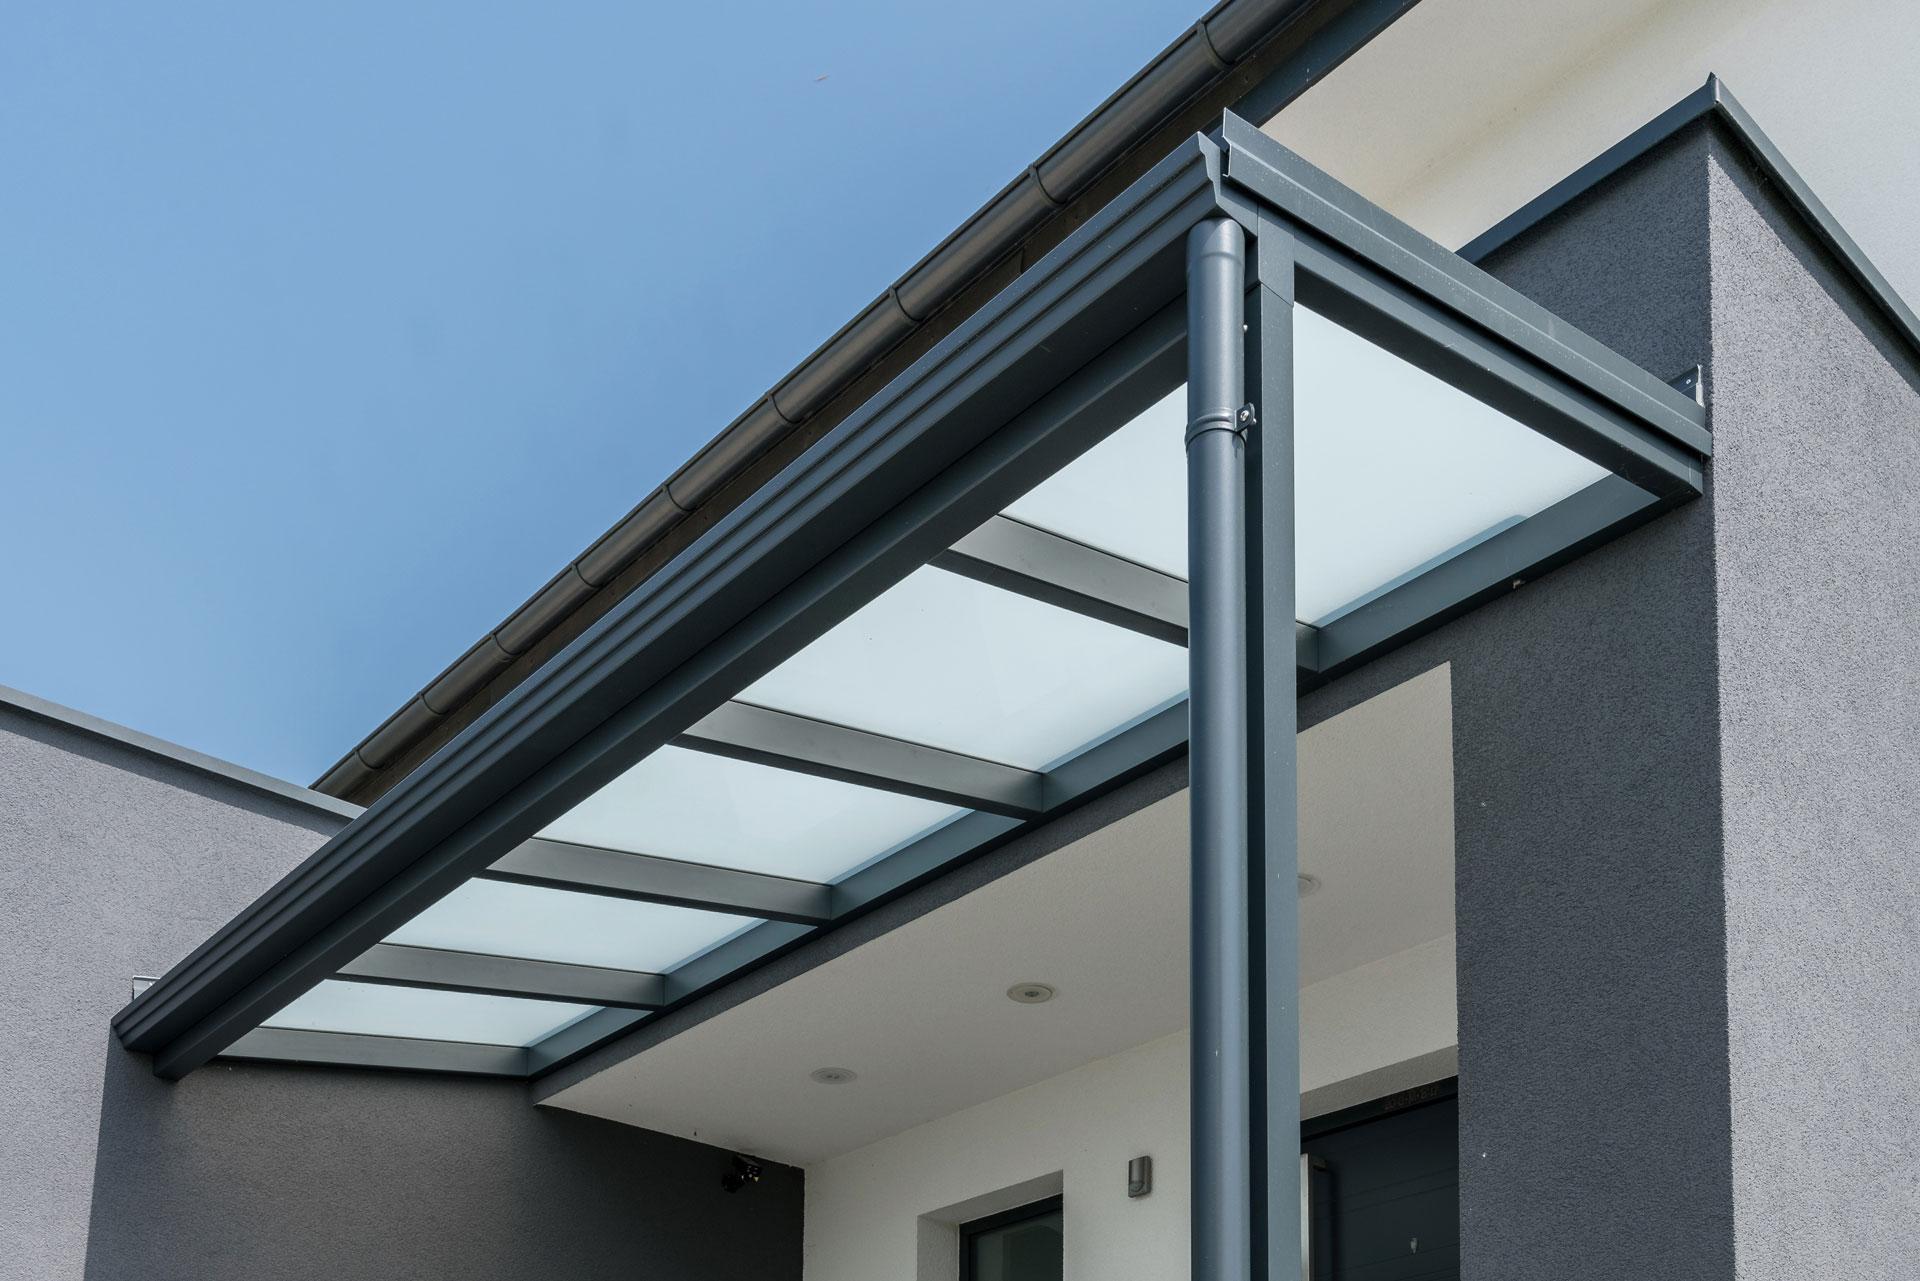 Vordach Alu 40 a   modernes Alueingangsdach Anthrazit mit Mattglaseindeckung   Svoboda Metalltechnik